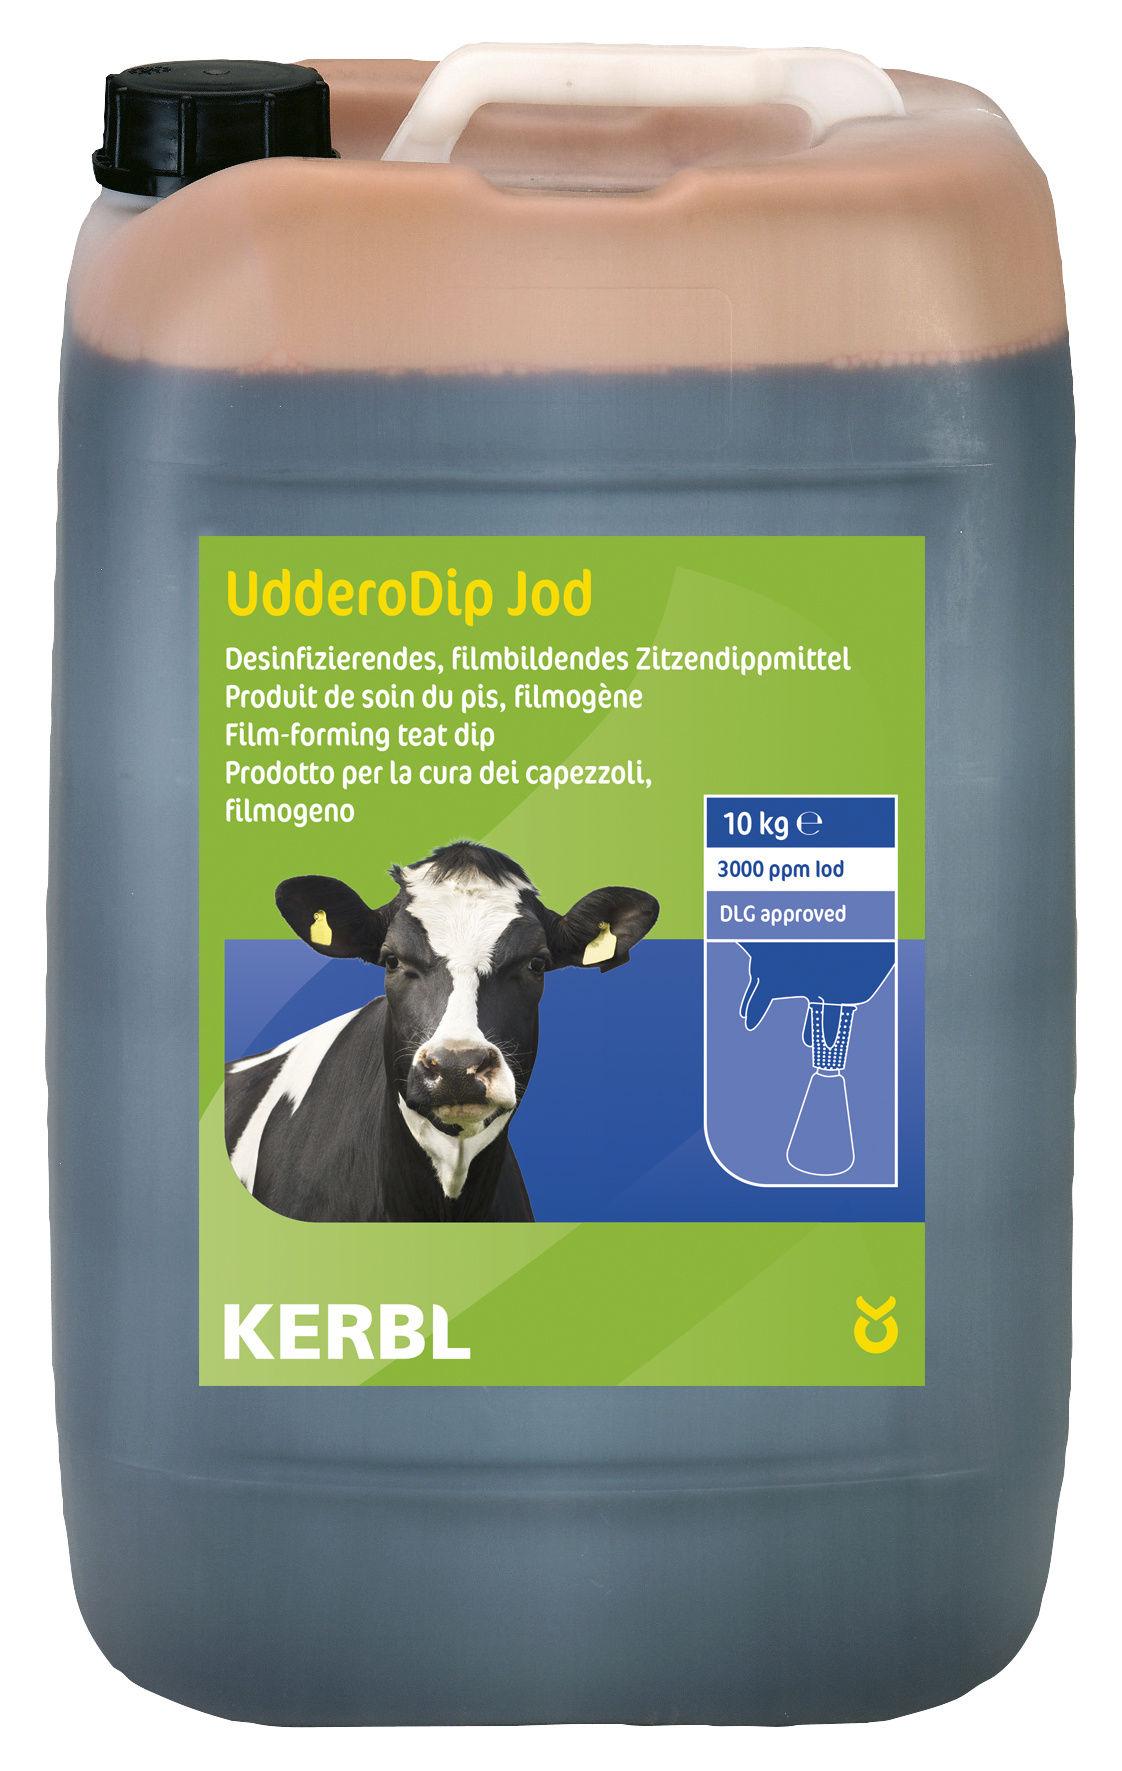 UdderoDip Jod, 10 kg -Kanister